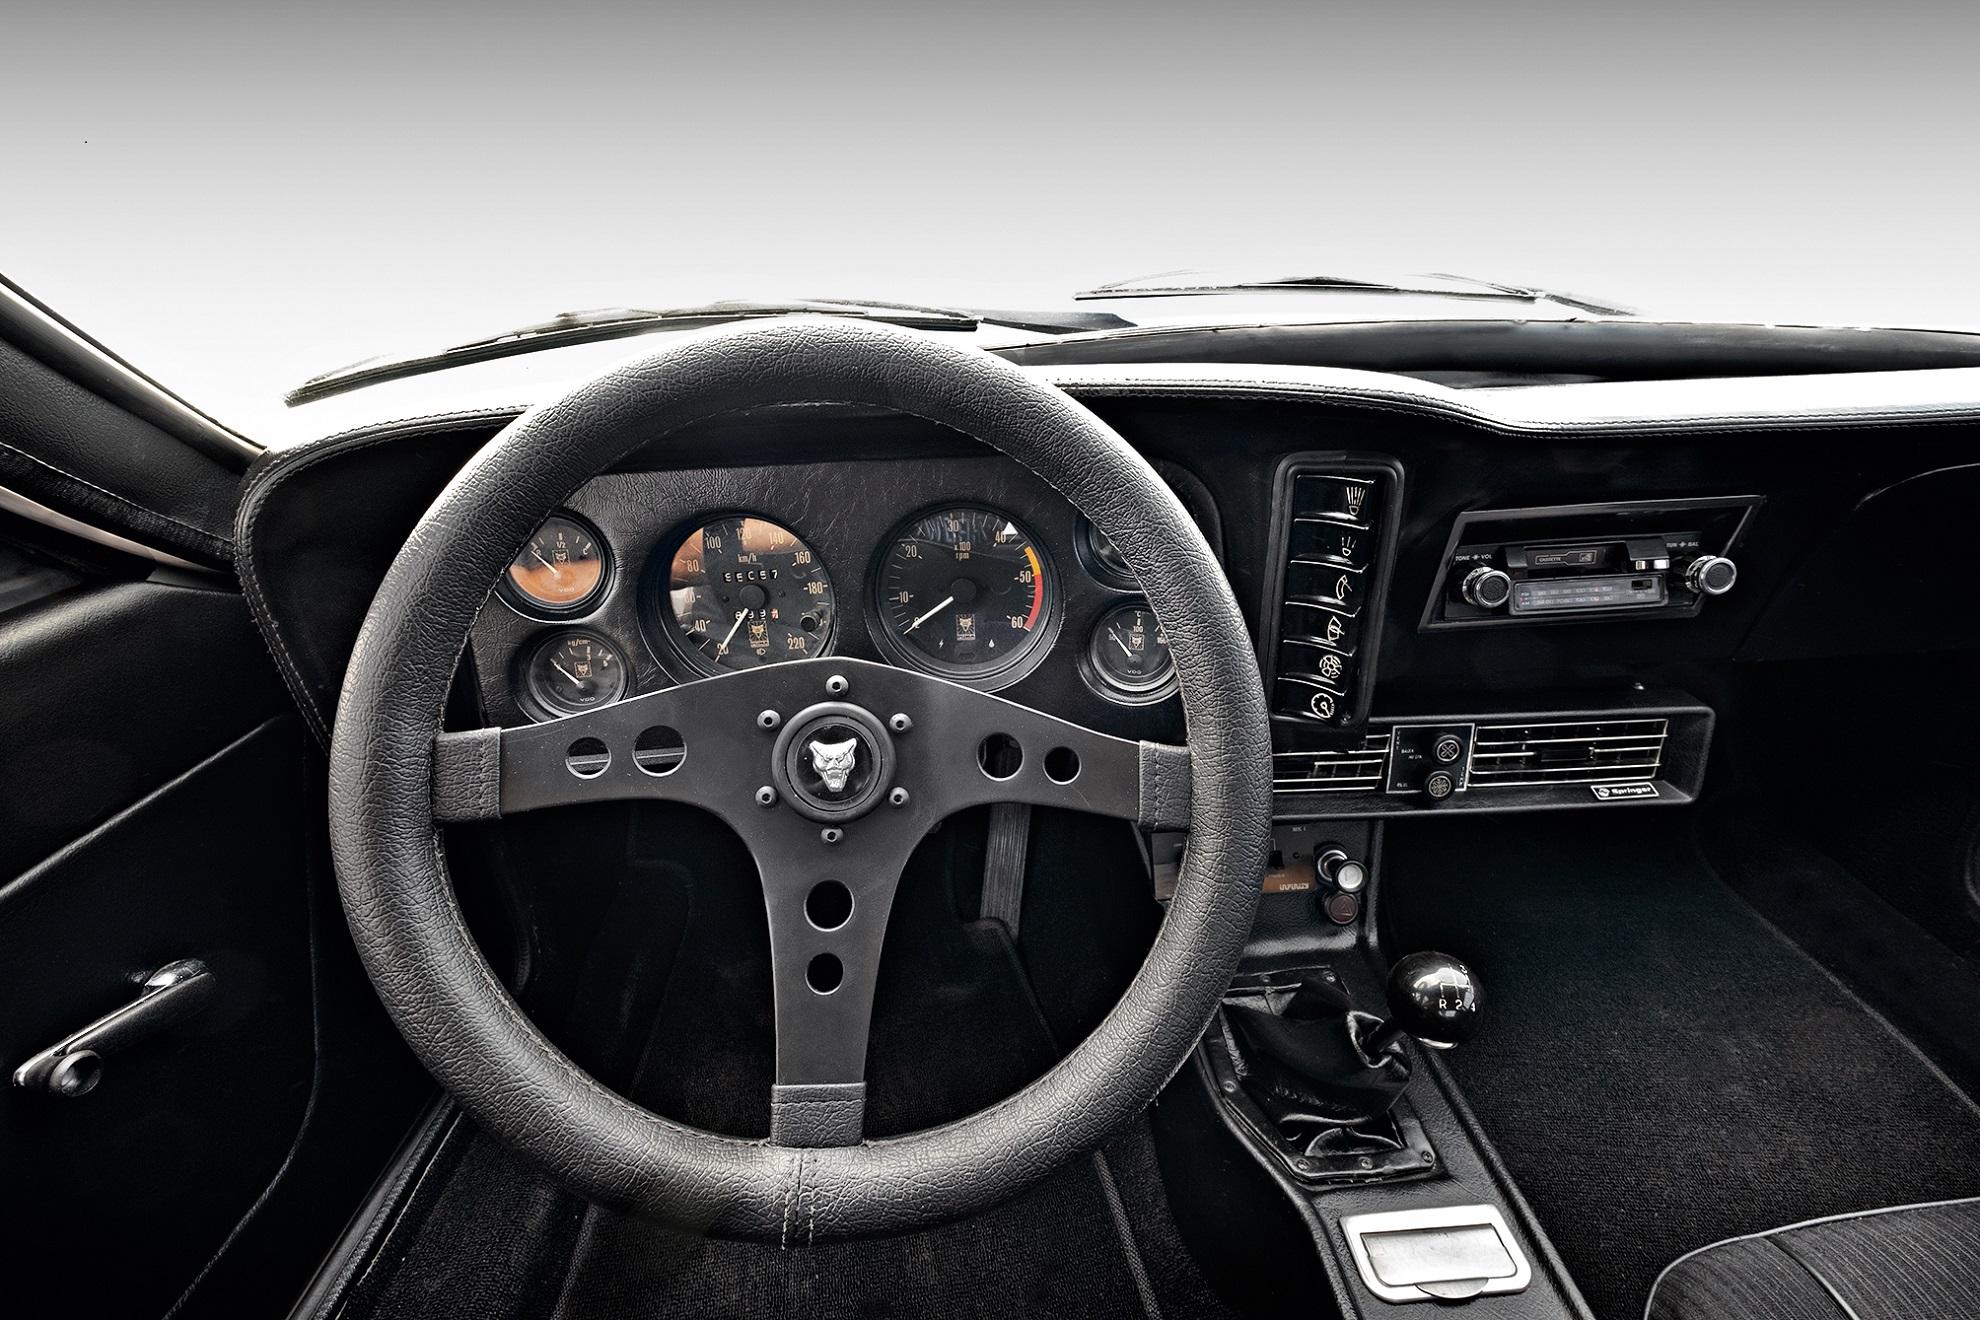 Instrumentos e botões no painel eram derivados da linha Chevrolet